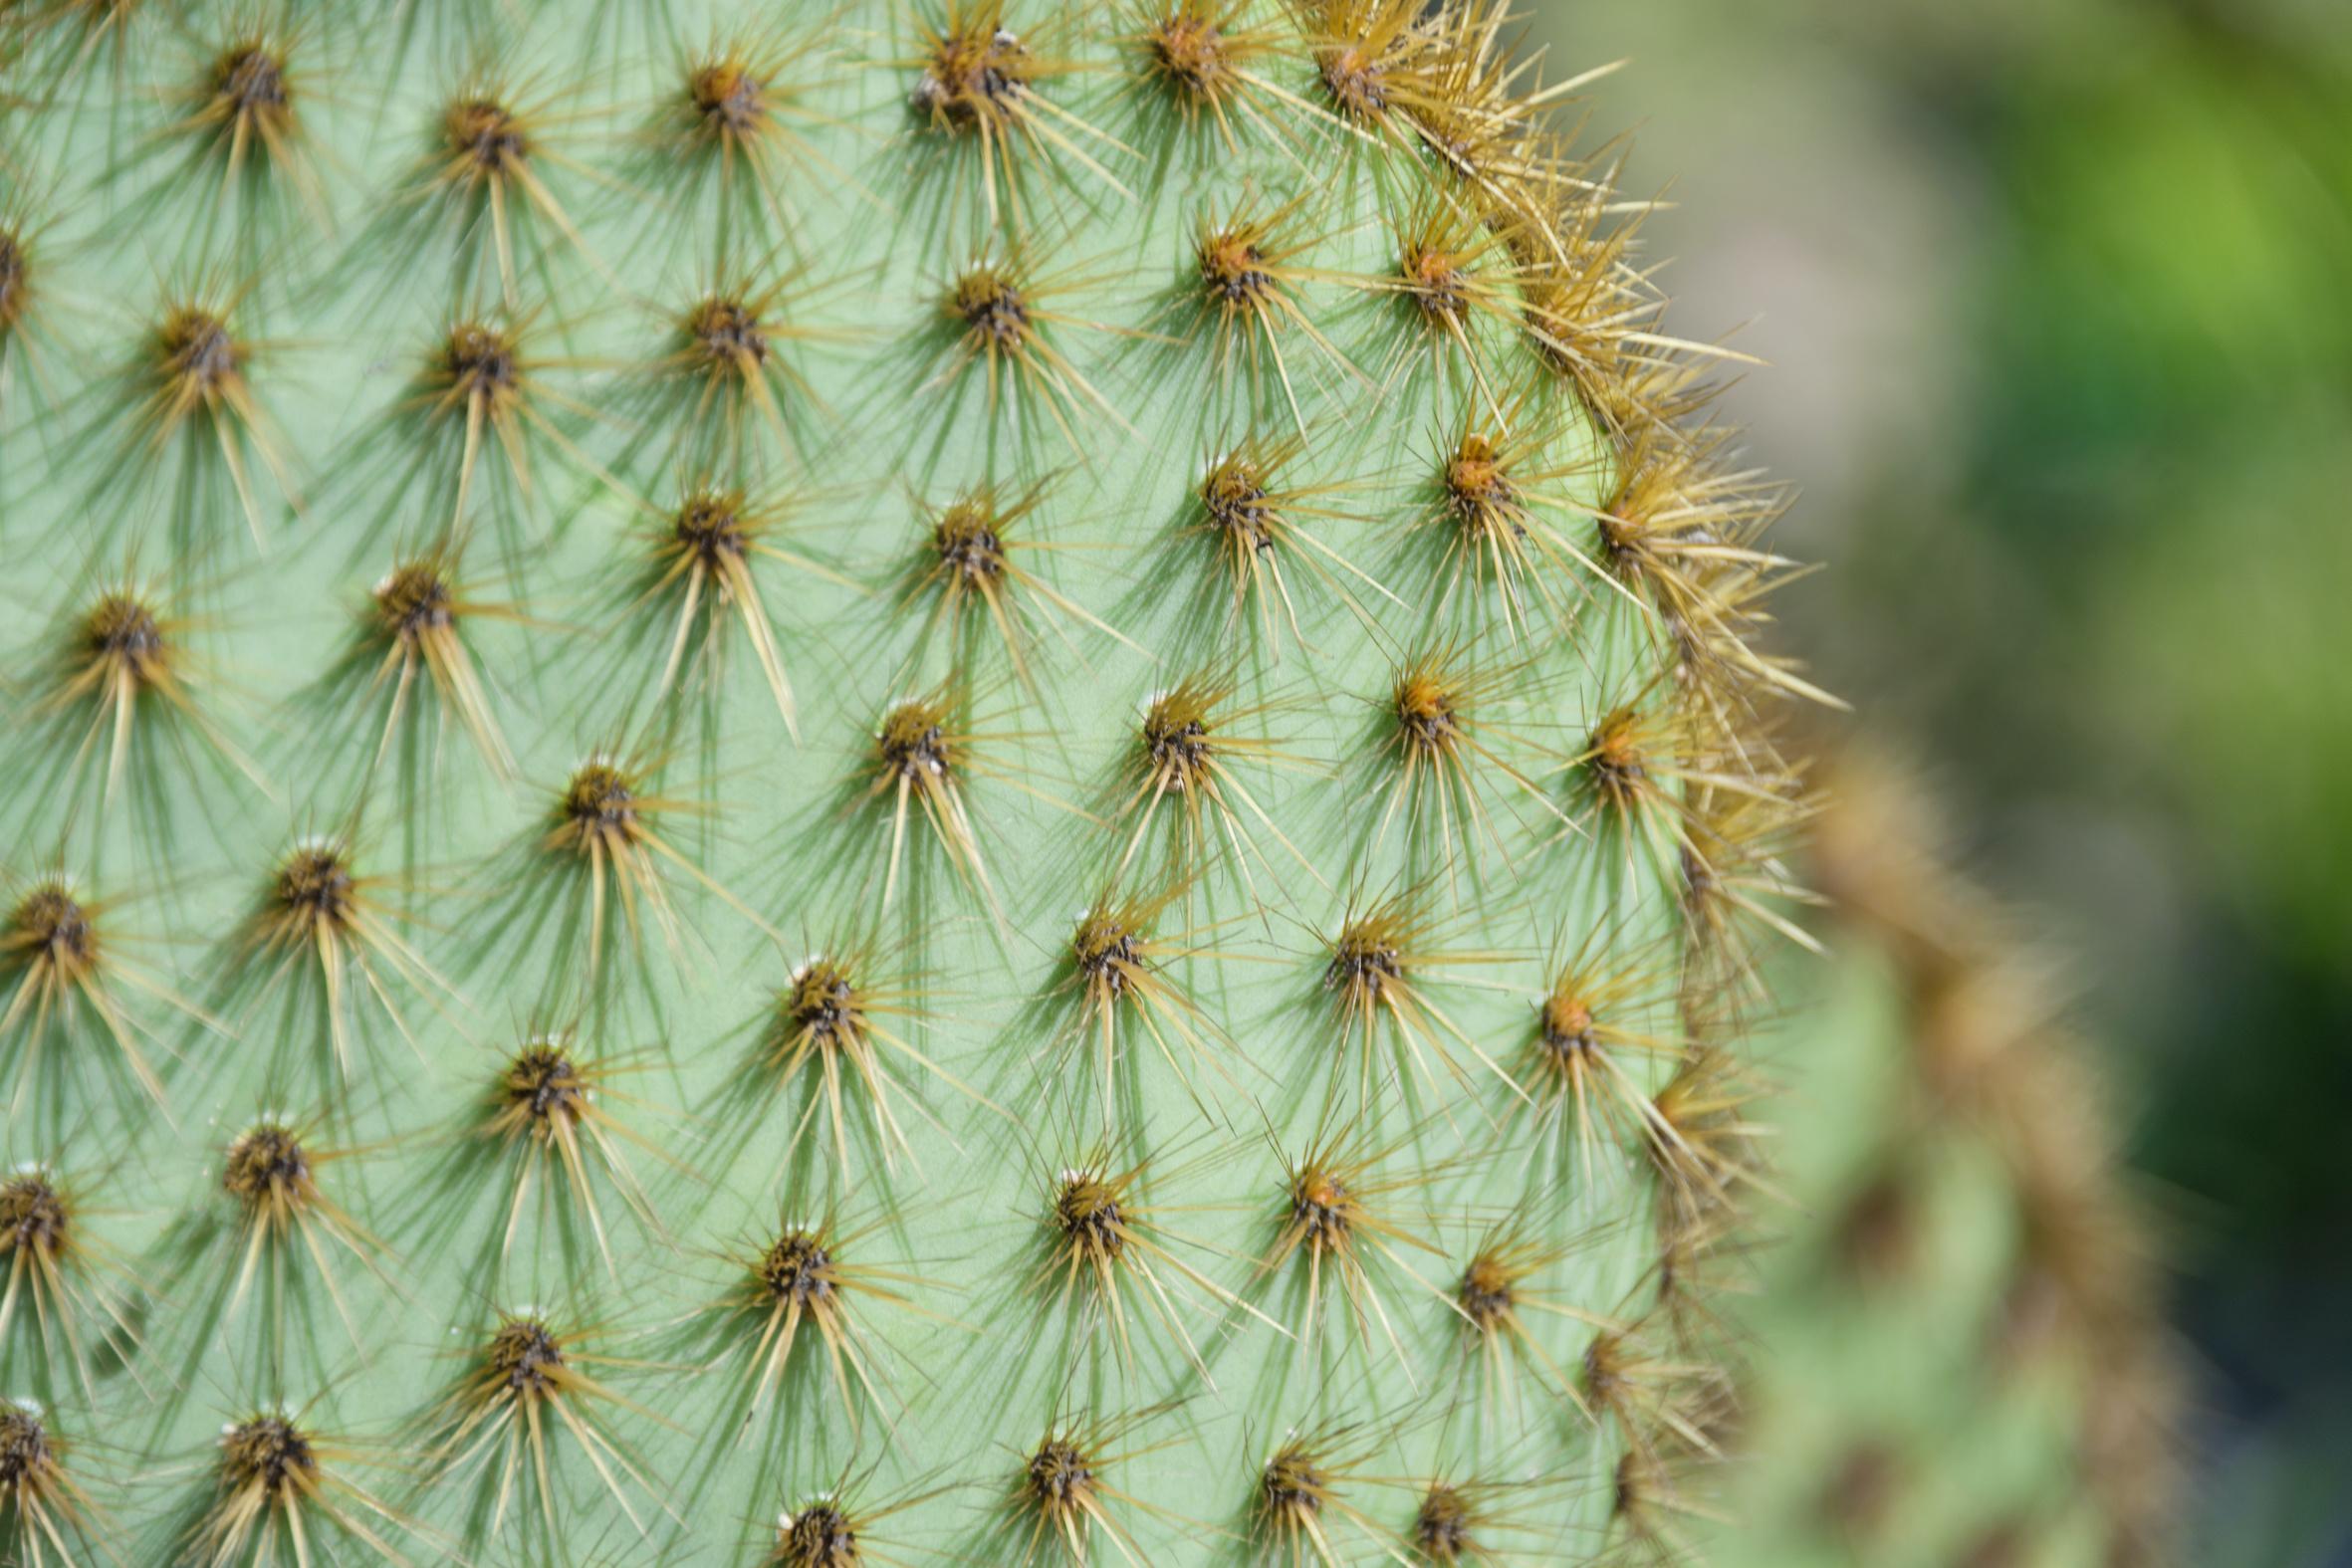 cactus prickles